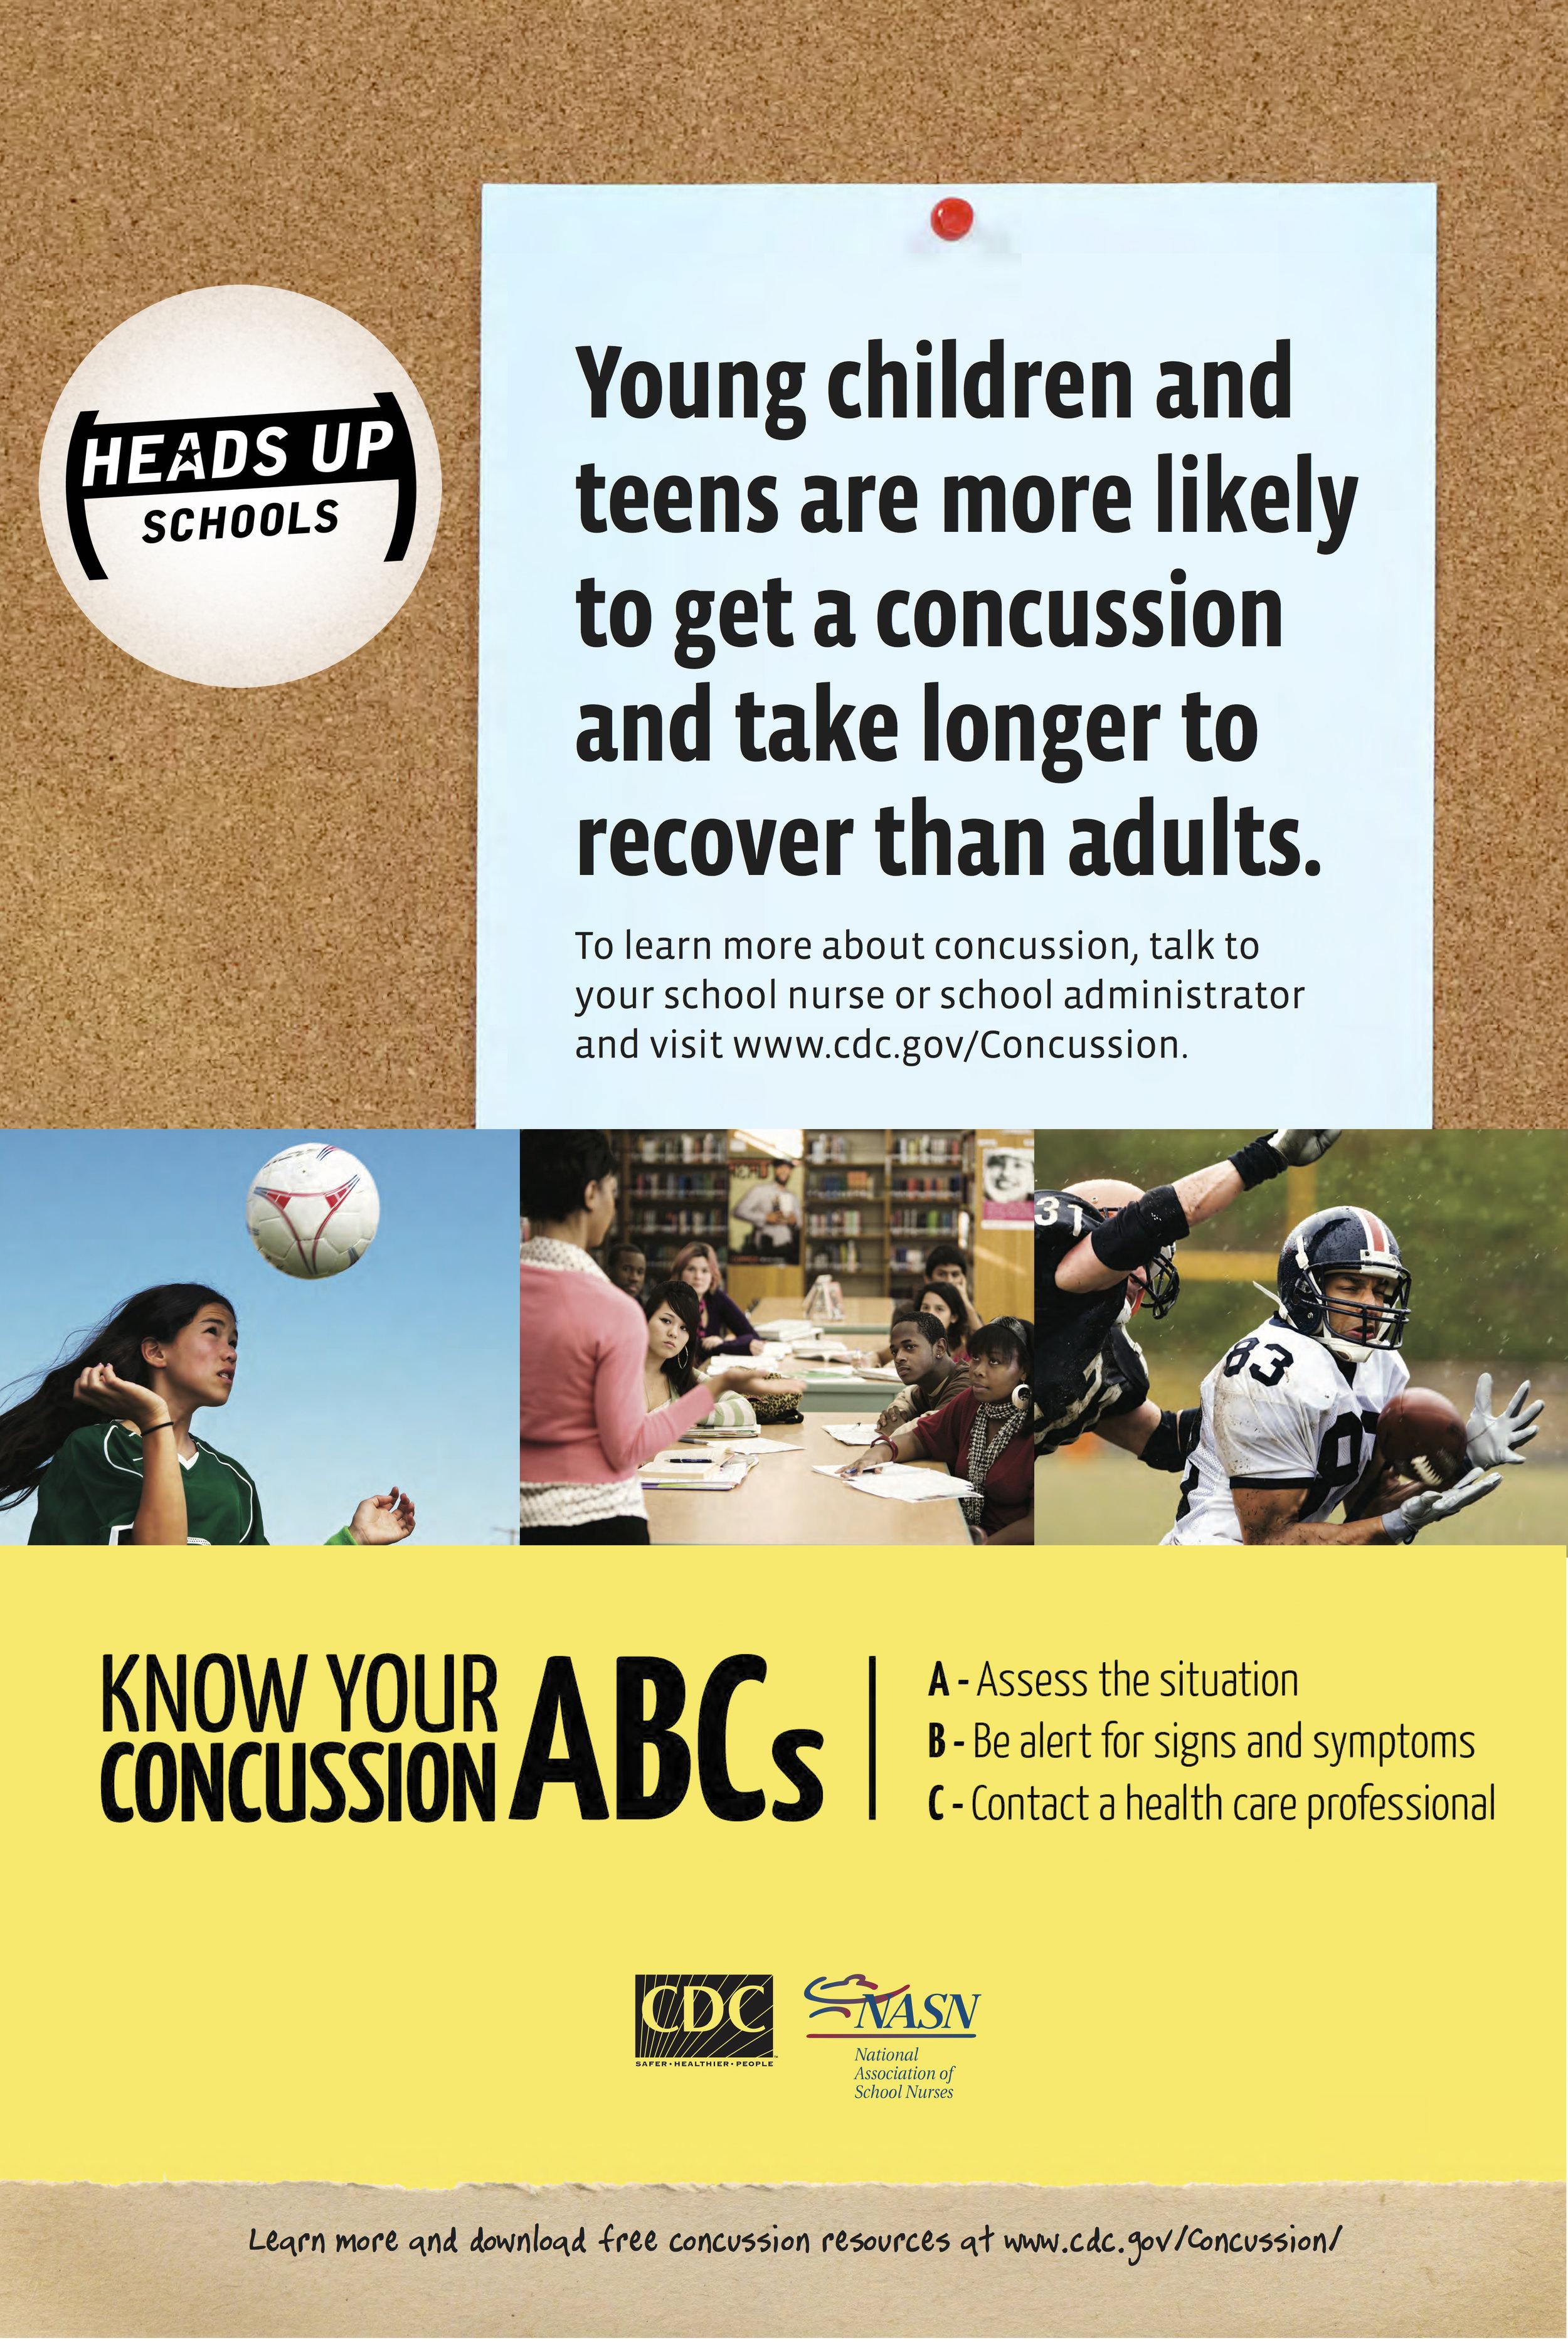 CDC_Heads_Up_NASN_Poster.jpg